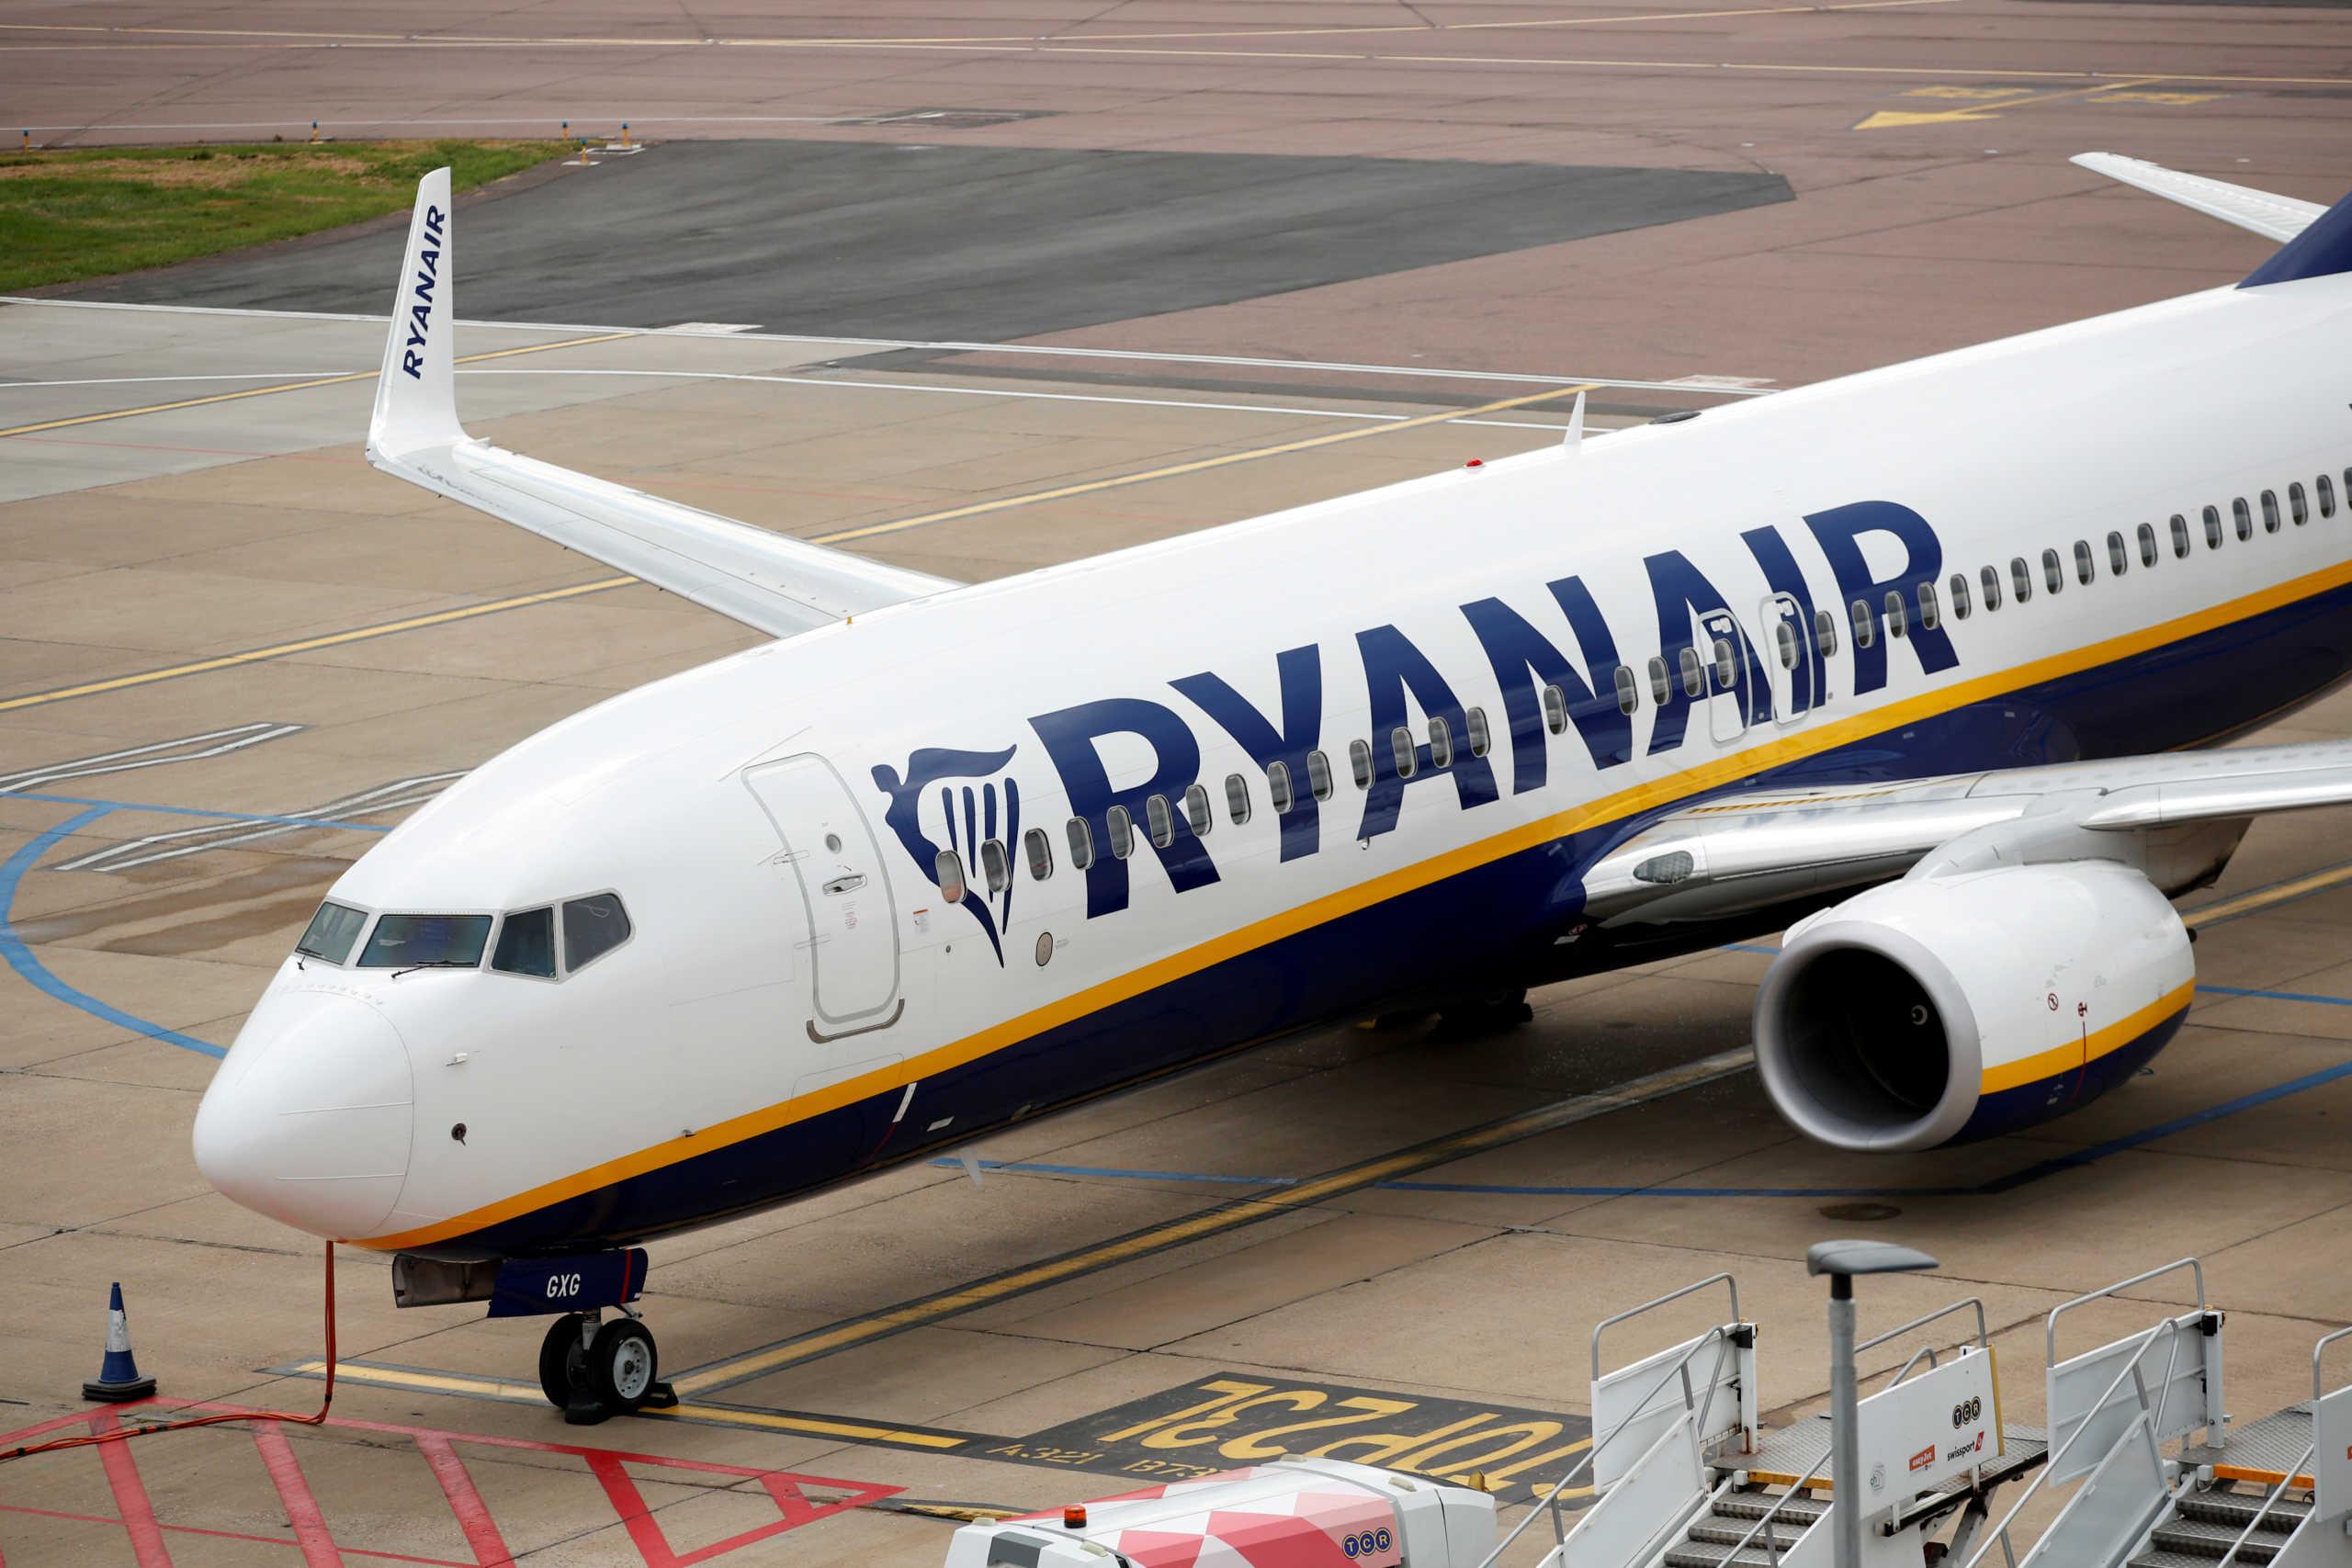 Ζημίες για πρώτη φορά εδώ και δεκαετίες ανακοίνωσε η Ryanair